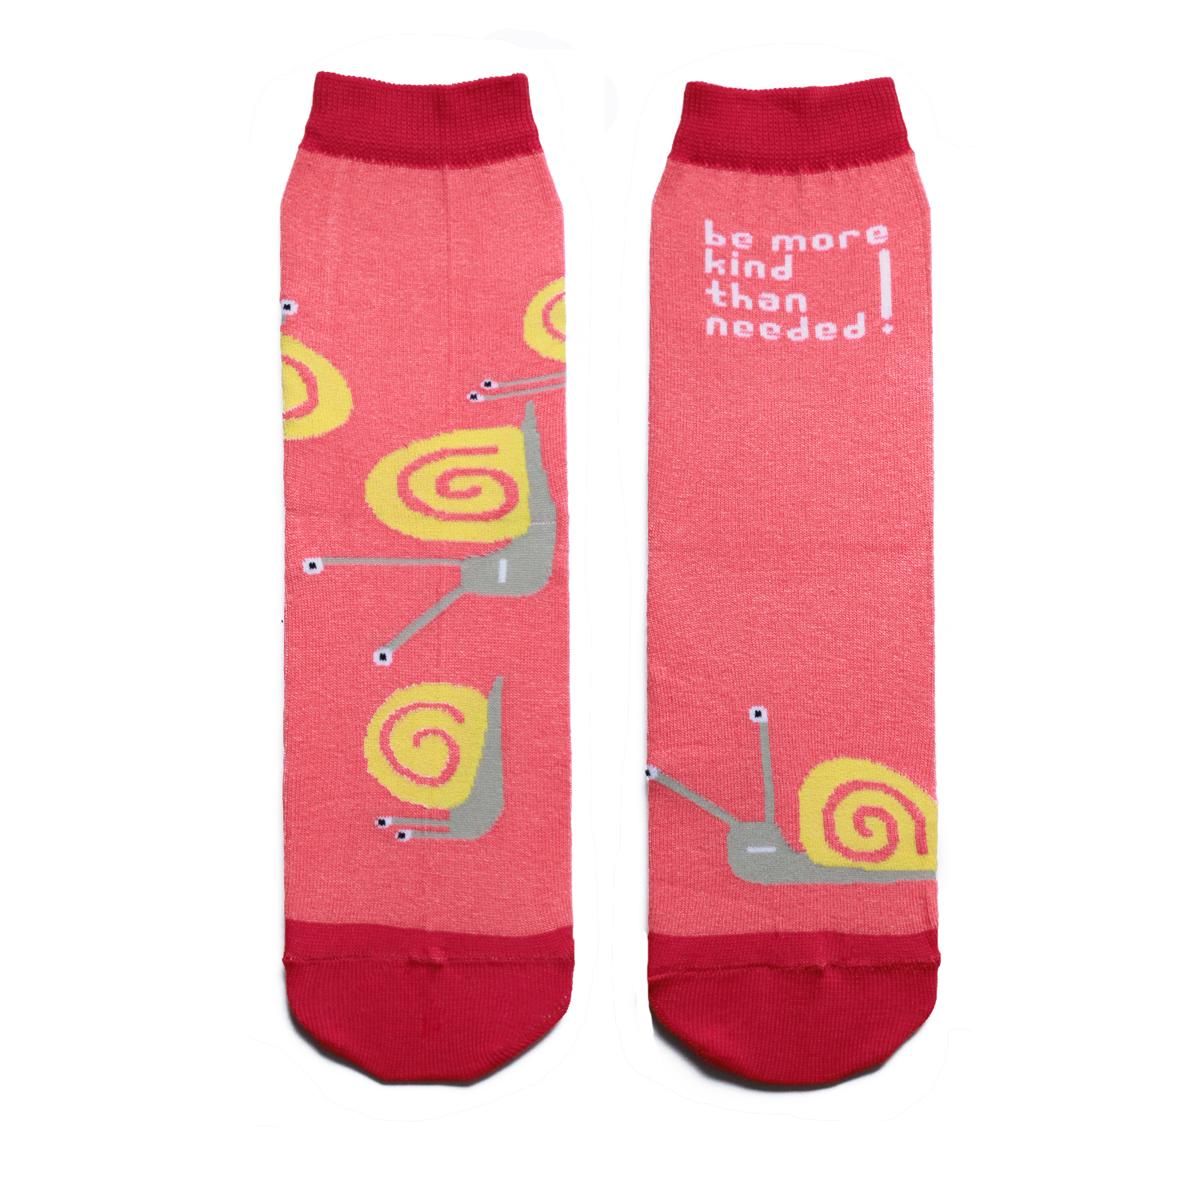 Носки мужские Big Bang Socks, цвет: розовый, красный, желтый. ca1631. Размер 40/44ca1631Мужские носки Big Bang Socks изготовлены из высококачественного хлопка с добавлением полиамидных и эластановых волокон, которые обеспечивают великолепную посадку. Носки отличаются ярким стильным дизайном, они оформлены изображением улиток и надписью: Be more kind than needed!. Удобная широкая резинка идеально облегает ногу и не пережимает сосуды, усиленные пятка и мысок повышают износоустойчивость носка, а удлиненный паголенок придает более эстетичный вид. Дизайнерские носки Big Bang Socks - яркая деталь в вашем образе и оригинальный подарок для друзей и близких.